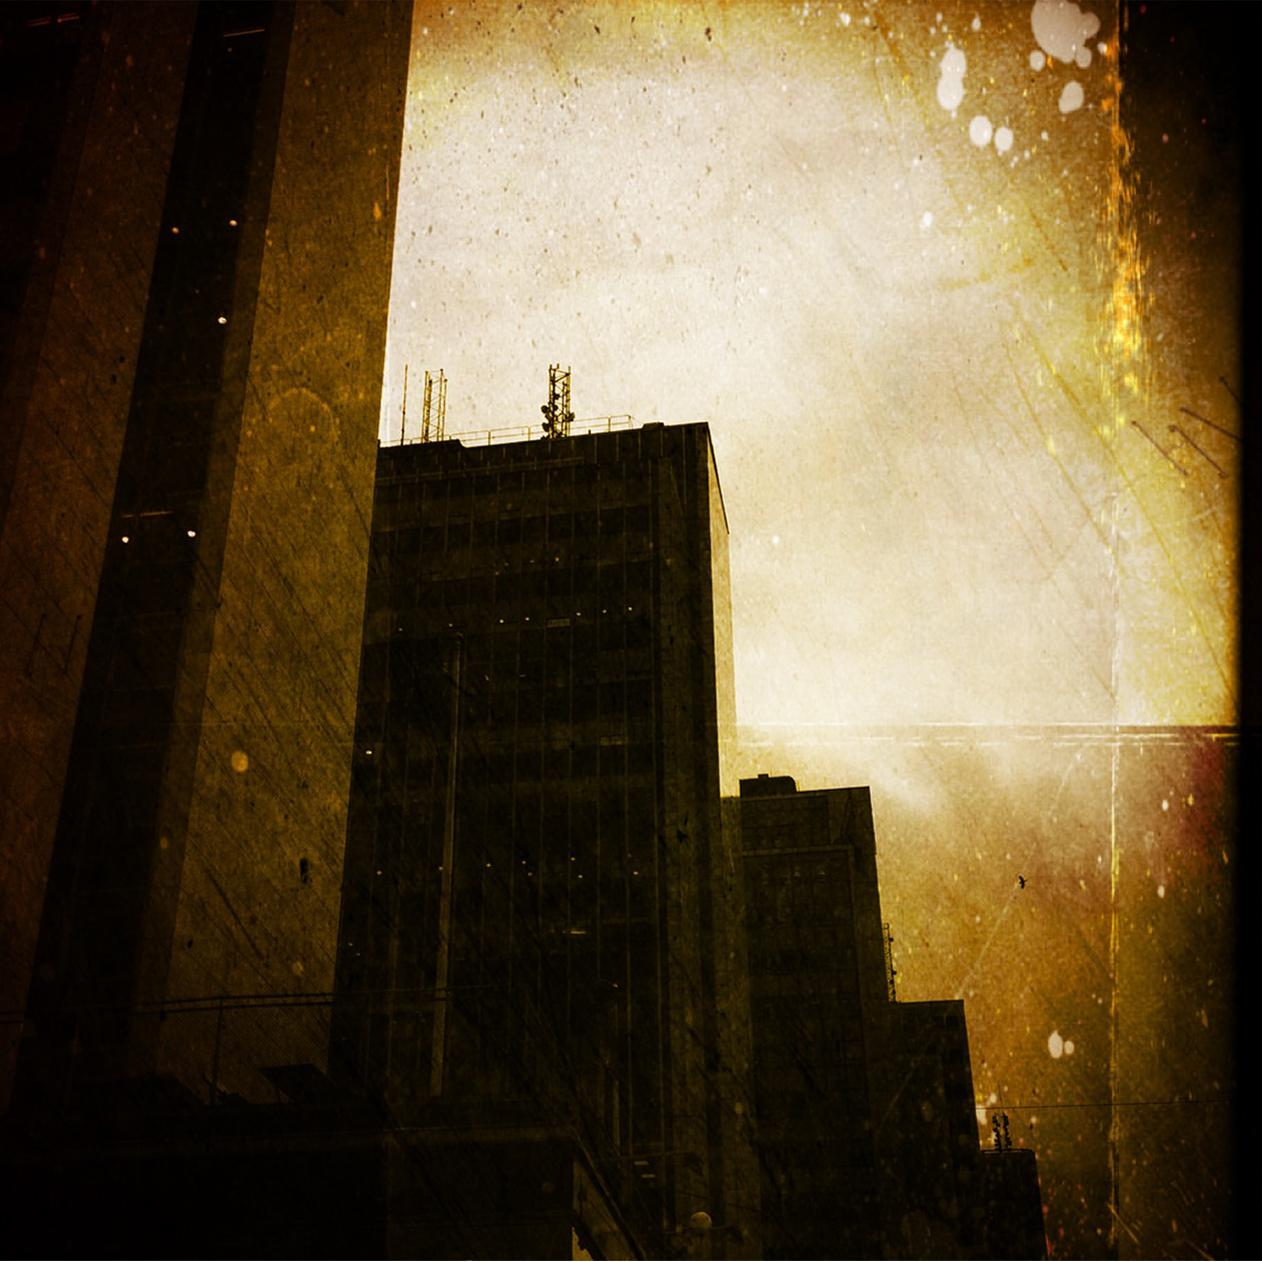 Fabriken - Där det Alltid regnar - parallax-ipad